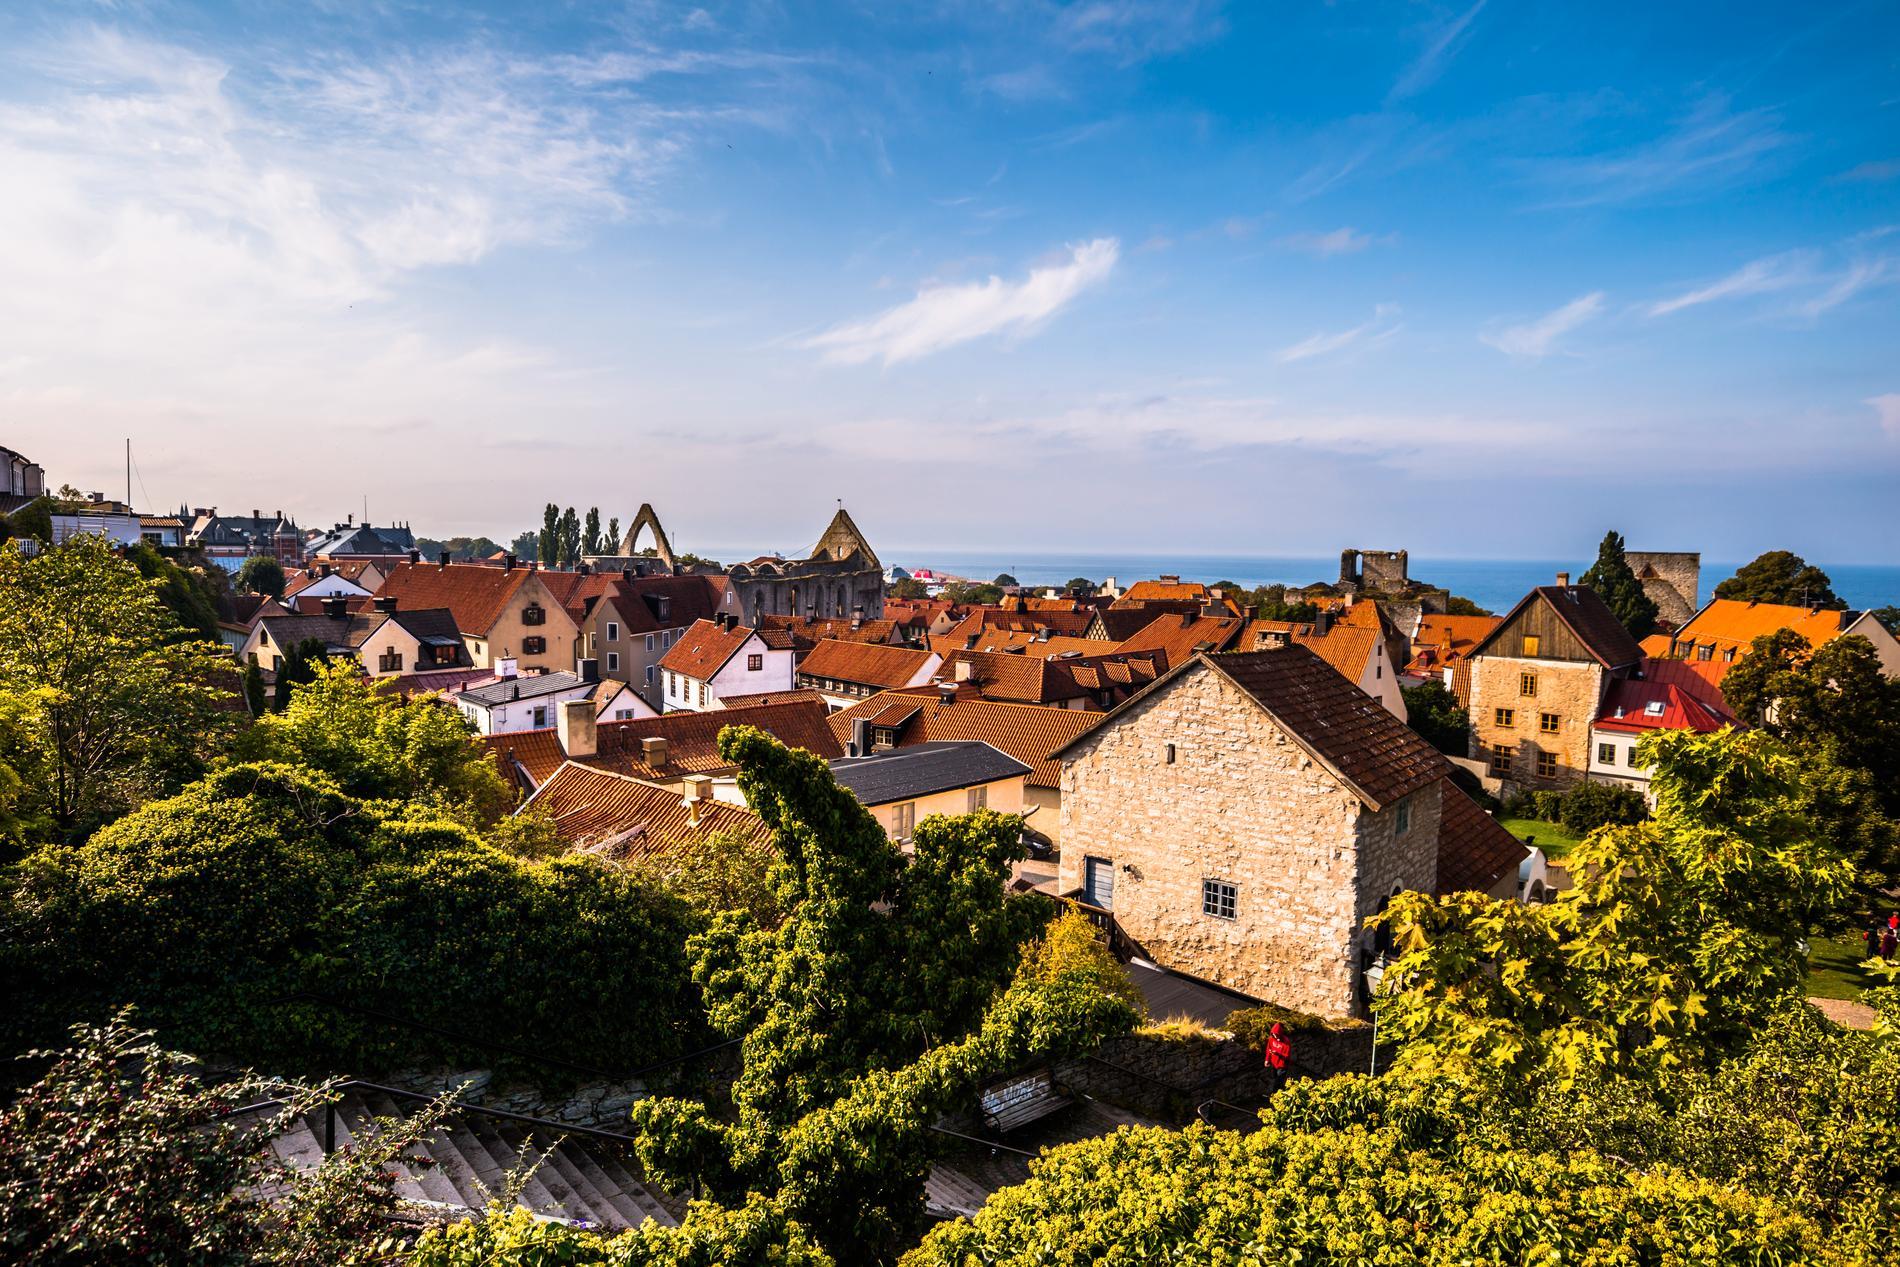 Bland annat Almedalsveckan och medeltidsveckan anordnas i Visby.